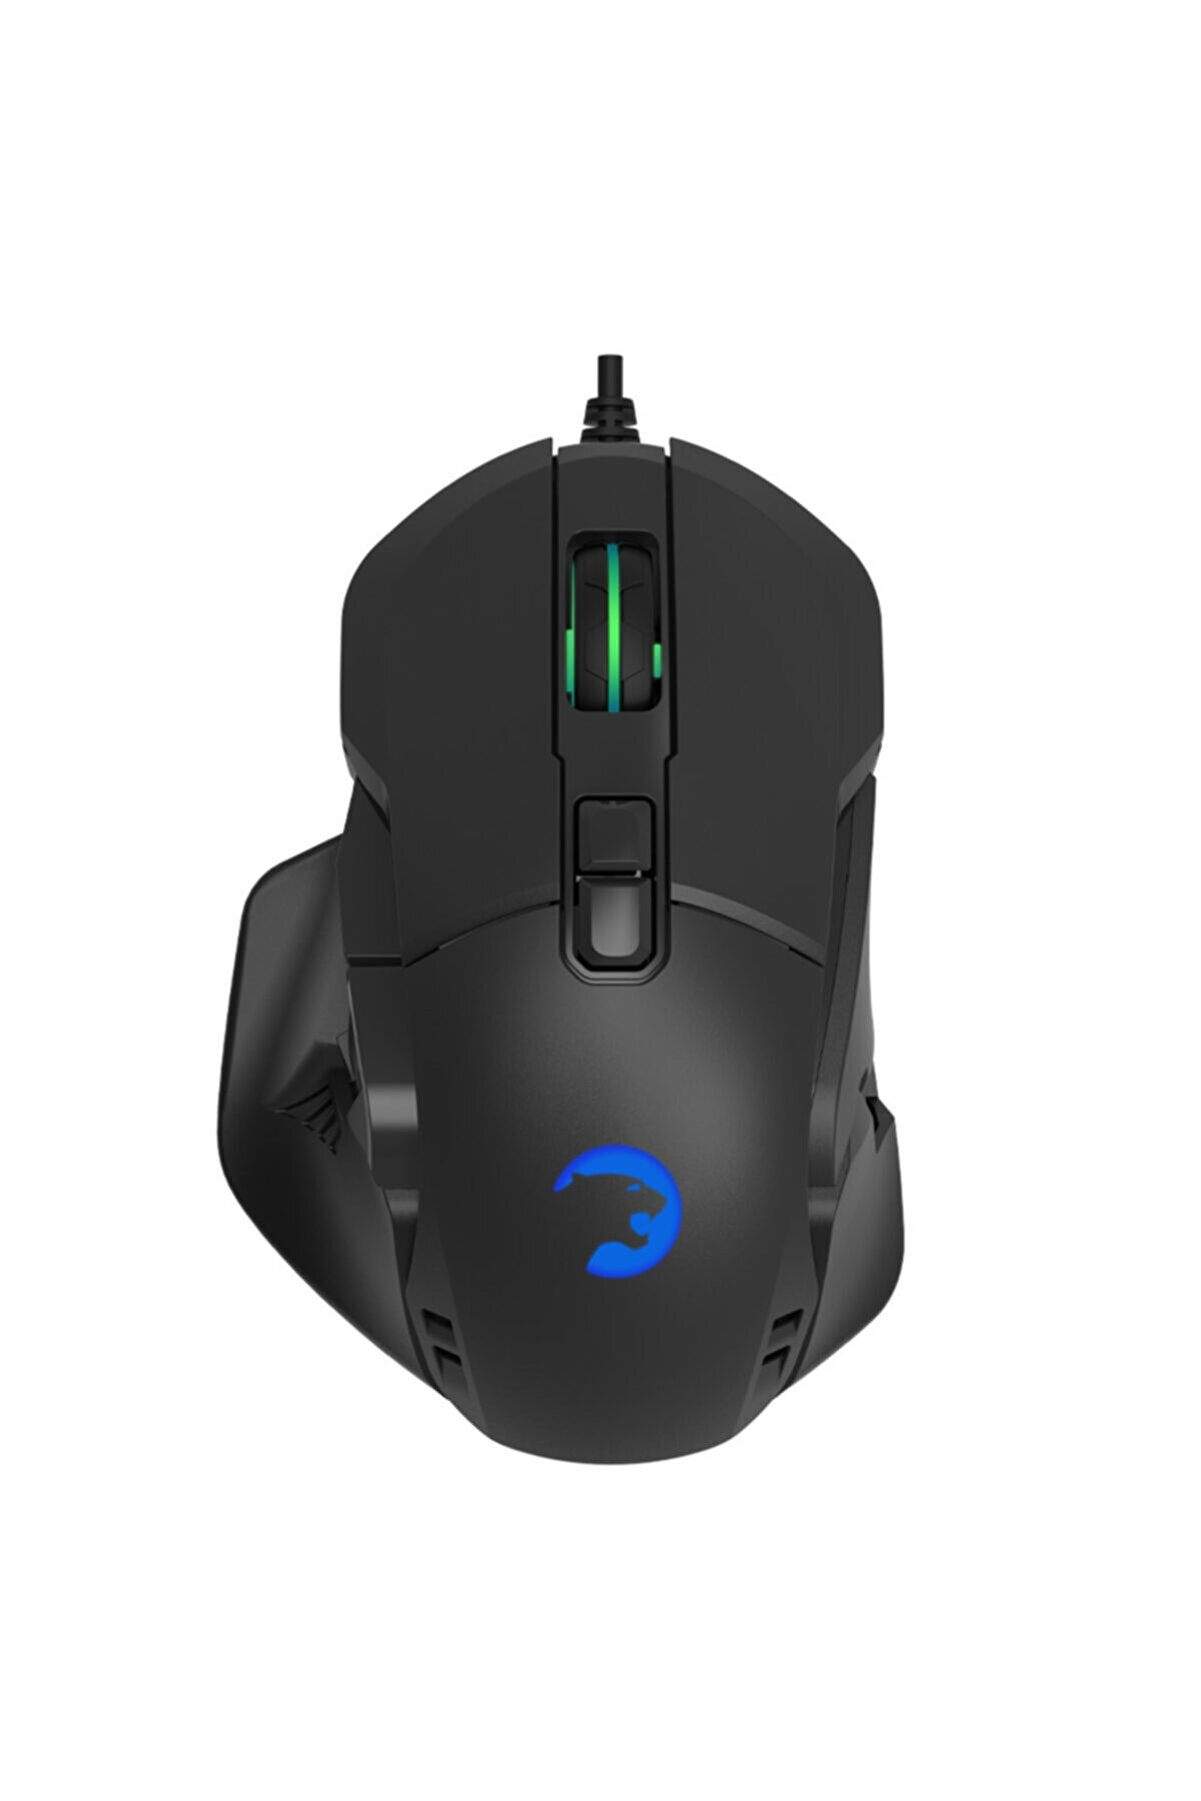 Gamepower Kuzan 12.4000dpı 7 Tuş Rgb Modüler Profesyonel Optik Oyuncu Mouse